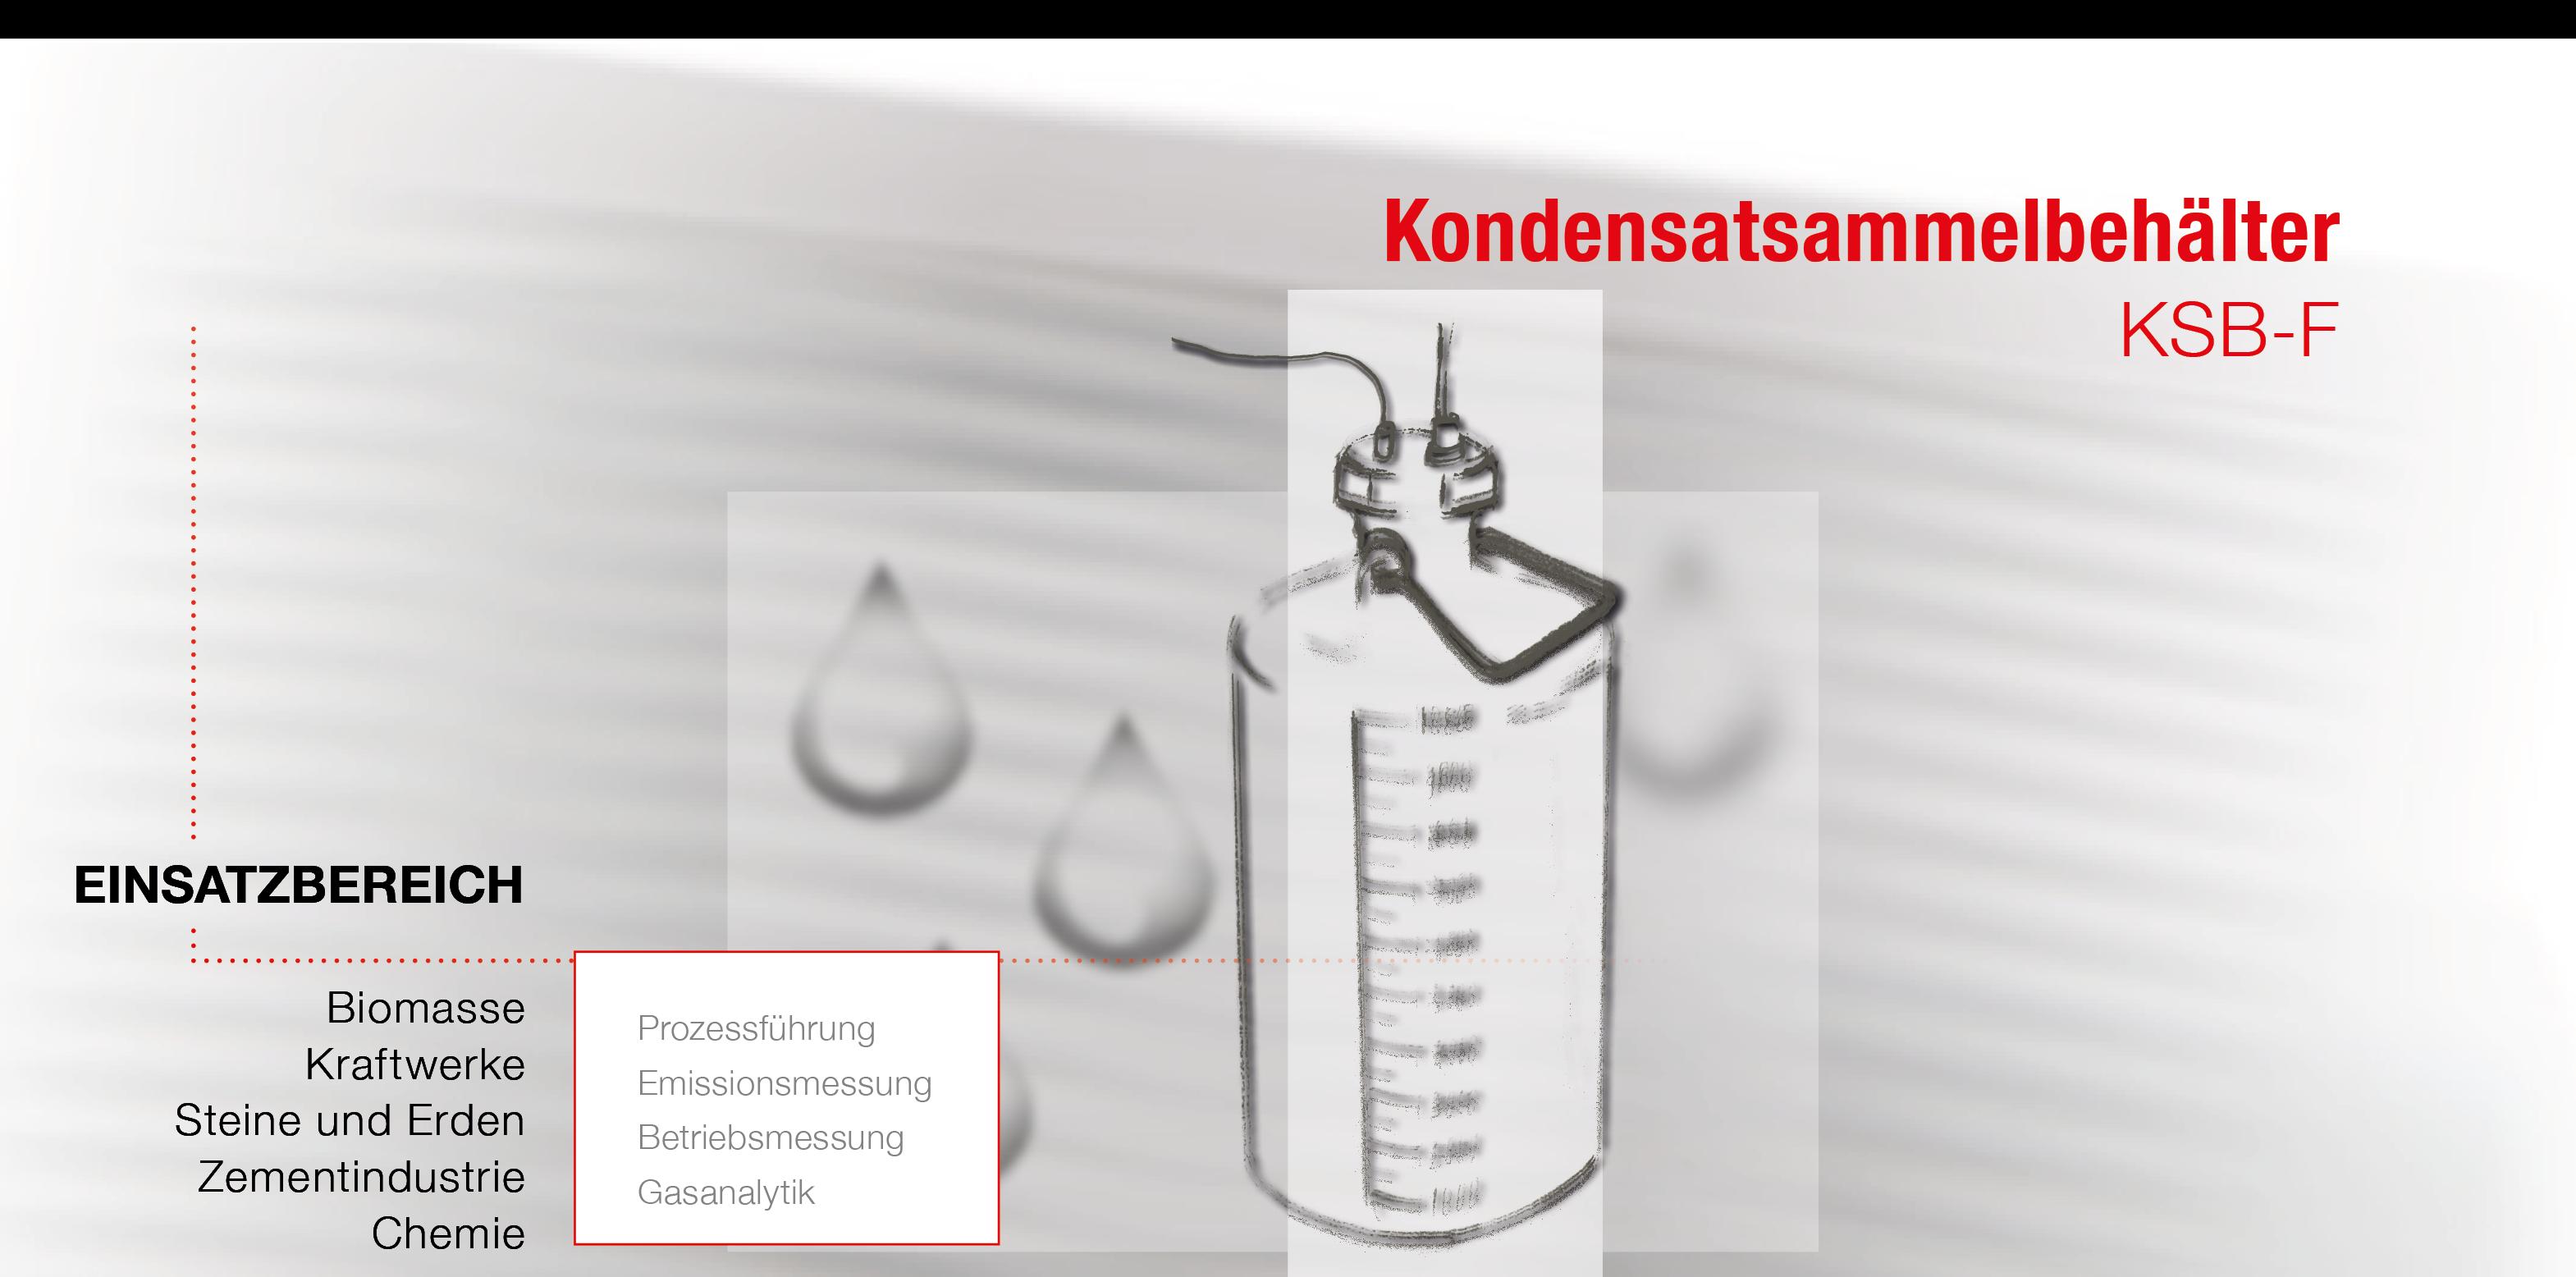 Skizze eines Kondensatsammelbehälter mit Füllstandsanzeige, Auflistung des Einsatzbereiches, Detail in einer Anlage zur Gasanalytik